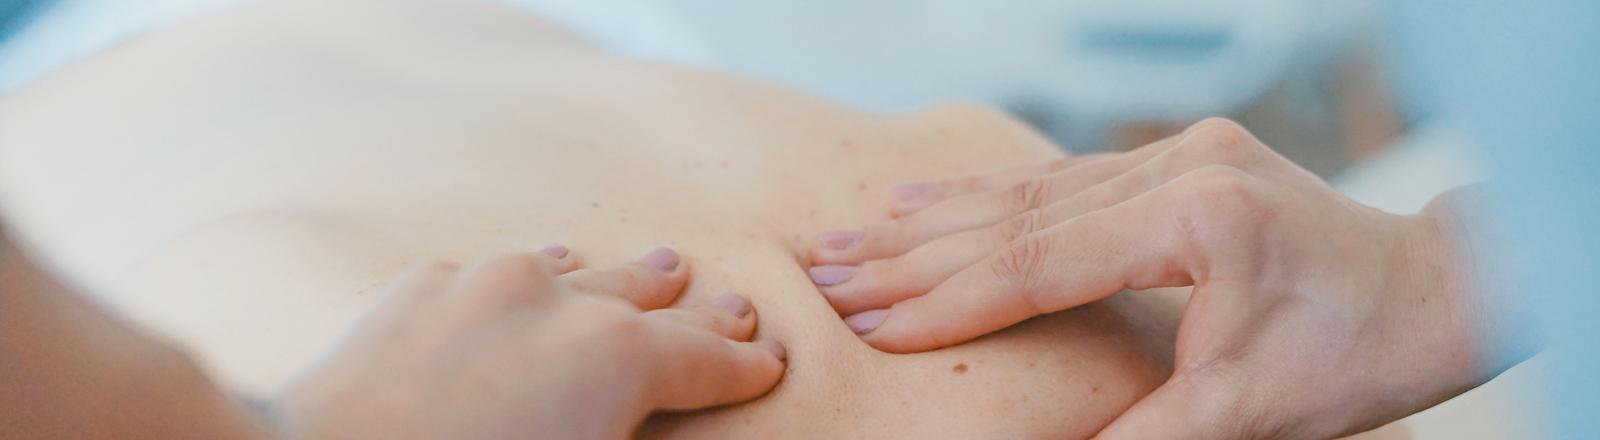 Zwei Hände massieren einen Rücken